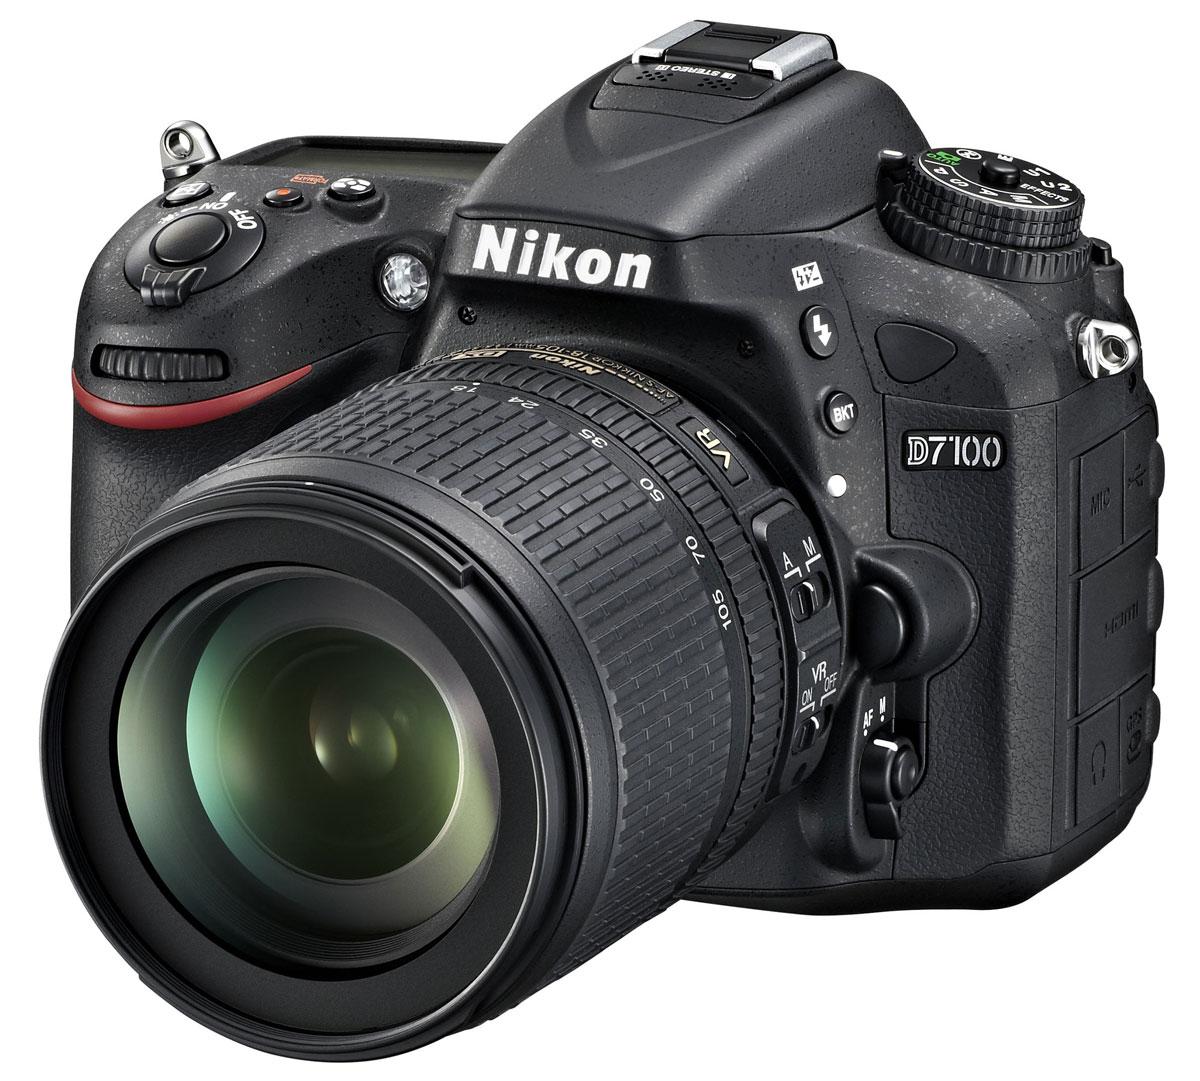 Nikon D7100 Kit 18-105 VR цифровая зеркальная фотокамера